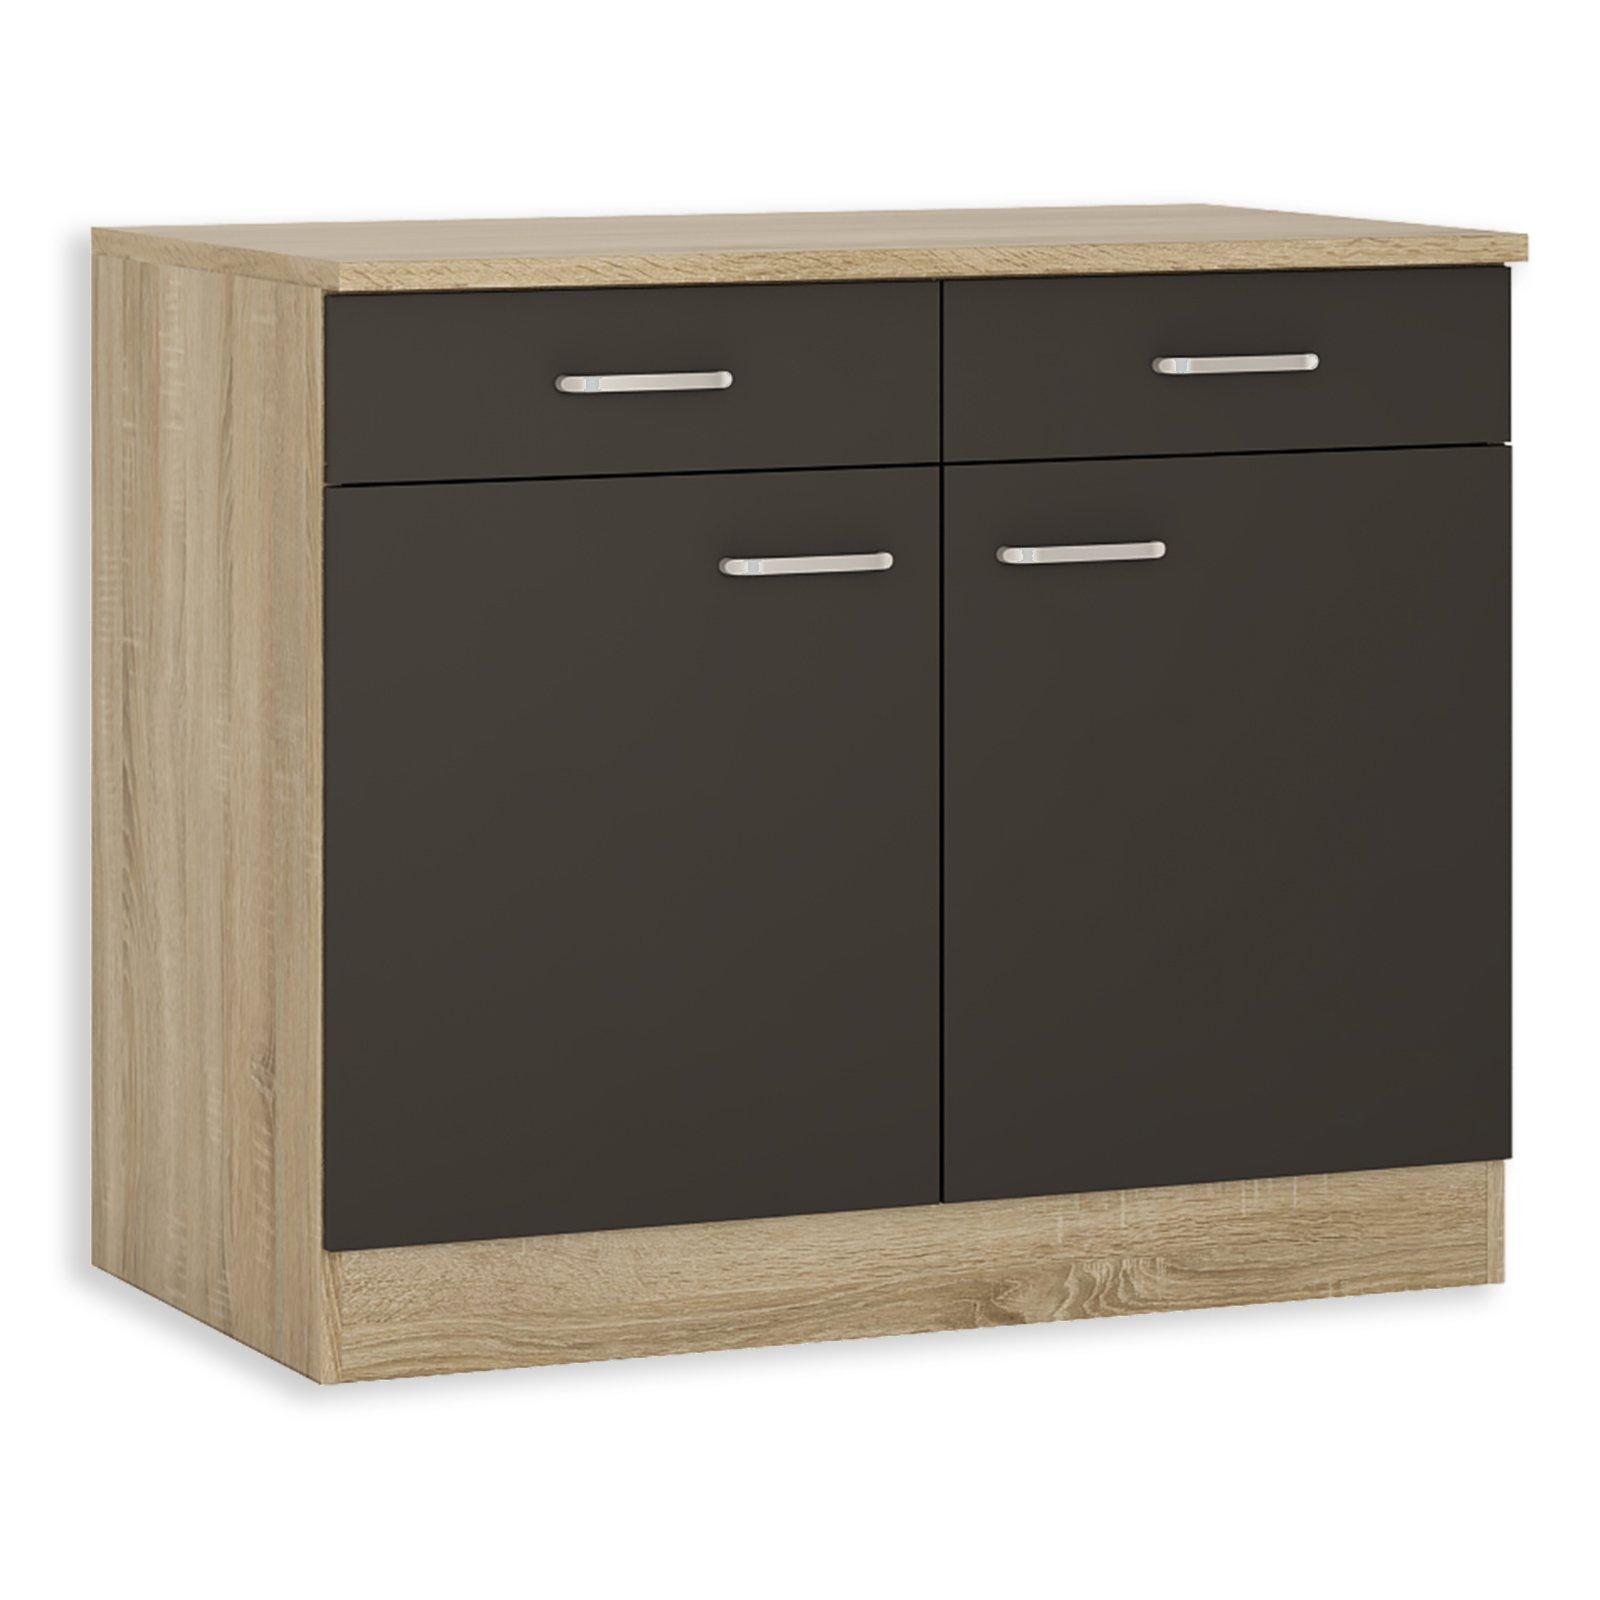 hochschrank k che h he waschmaschine 45 cm tief lovely hochschrank k che 50 cm tief ikea. Black Bedroom Furniture Sets. Home Design Ideas